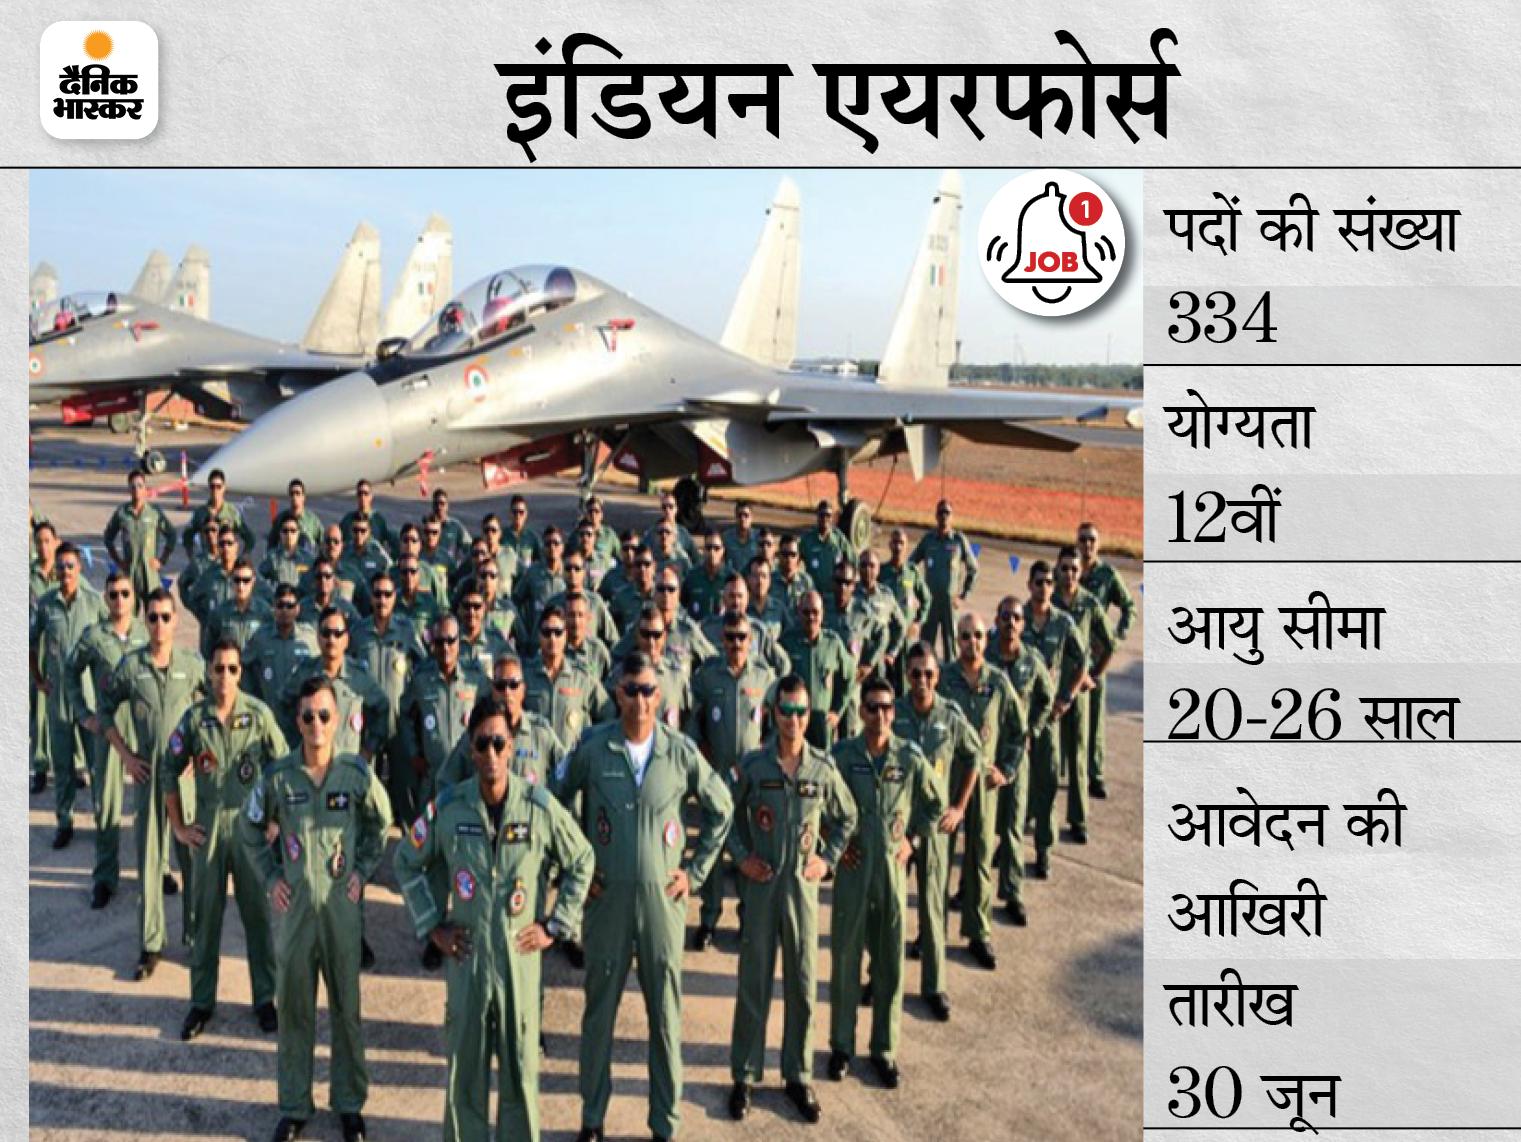 इंडियन एयरफोर्स ने 334 पदों पर भर्ती के लिए मांगे आवेदन, 30 जून तक अप्लाई कर सकेंगे 12वीं पास कैंडिडेट्स|करिअर,Career - Dainik Bhaskar